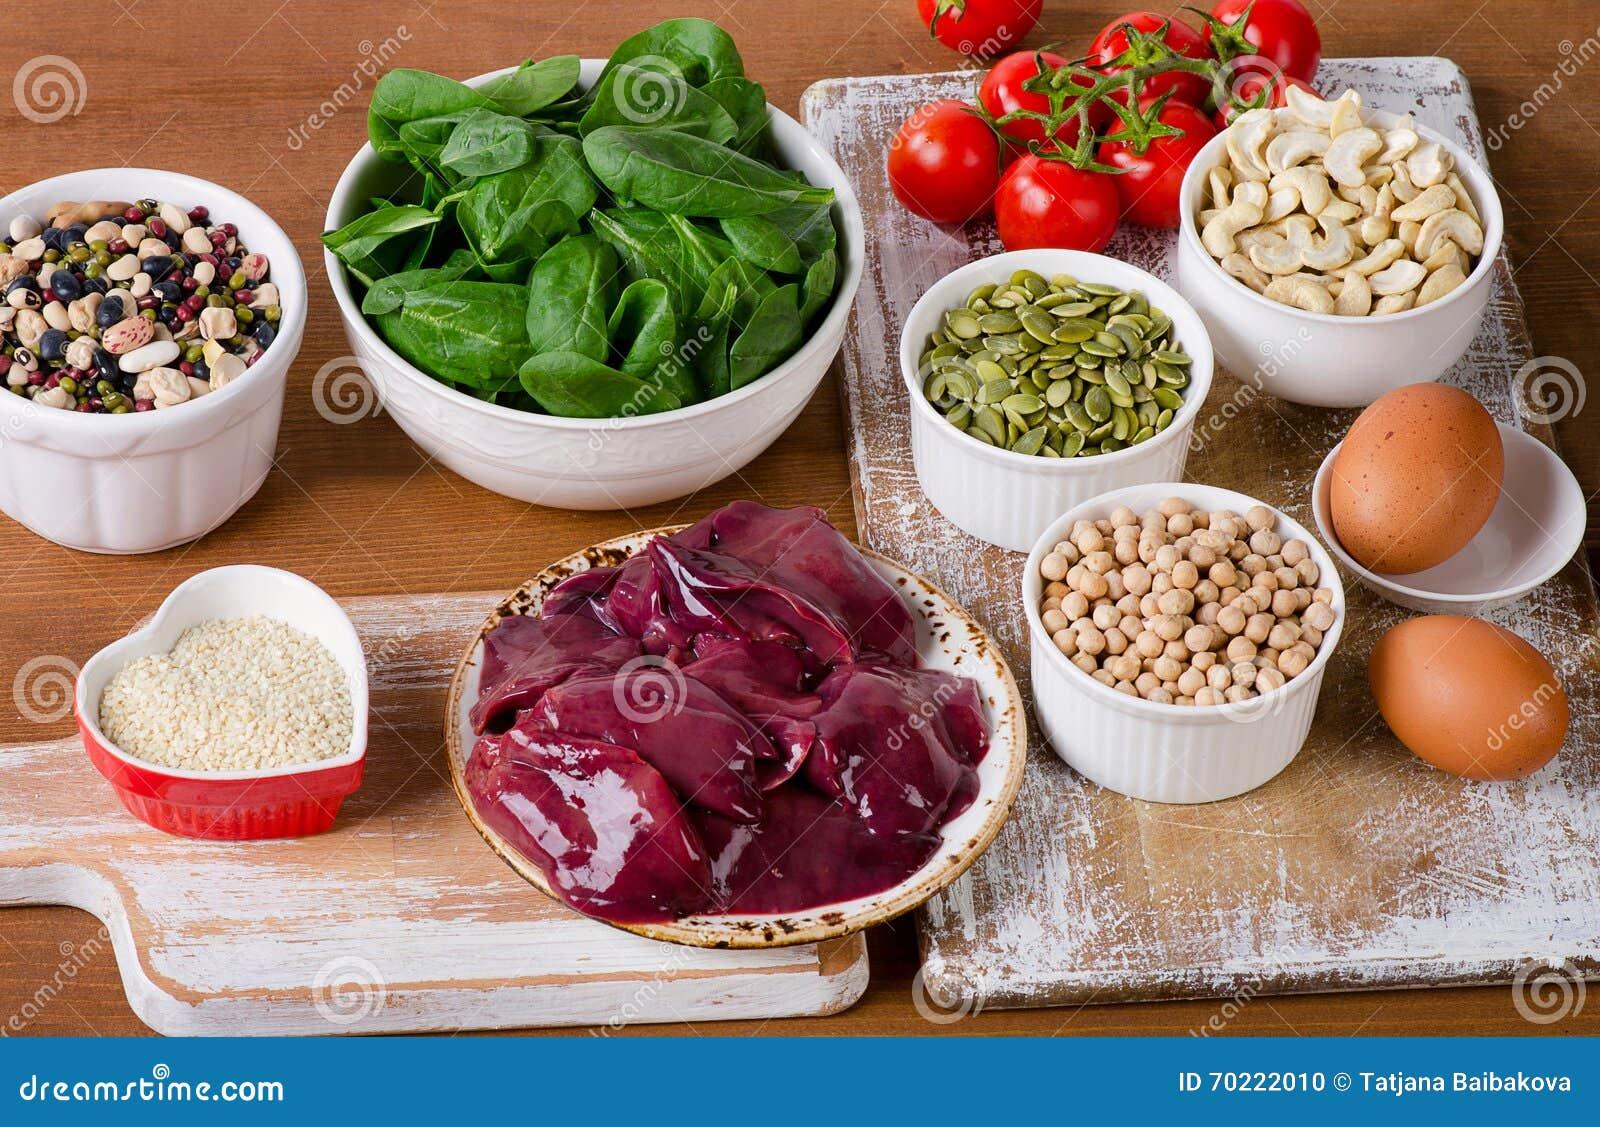 Nahrungsmittel hoch im Eisen, einschließlich Eier, Nüsse, Spinat, Bohnen, seafoo